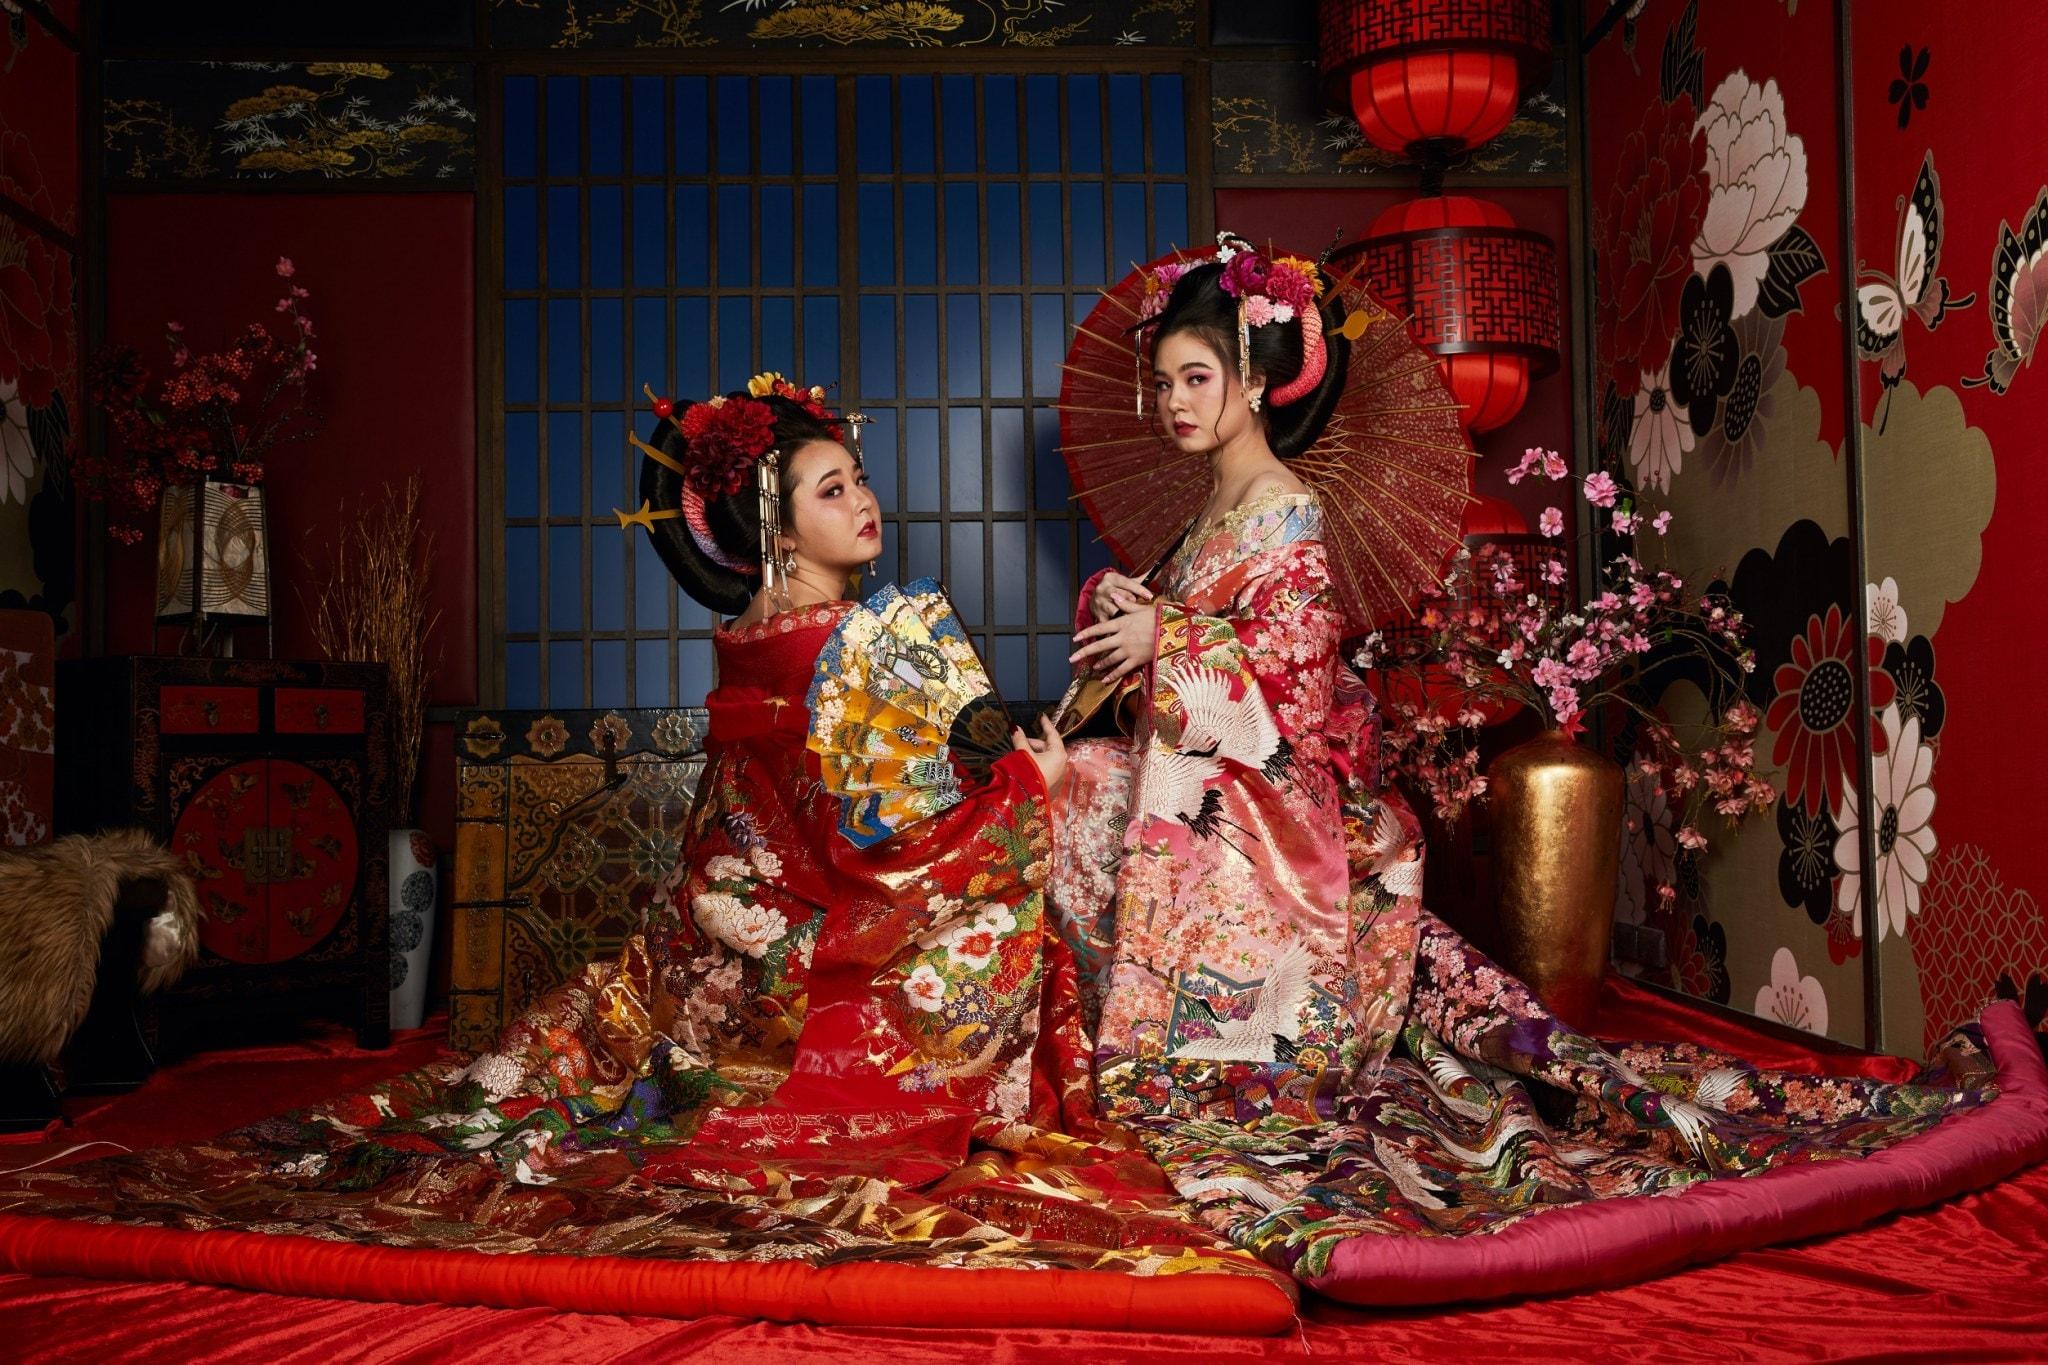 憧れの和の文化が体感できるタイのスーパーフォトスタジオ「姫と侍」リニューアル